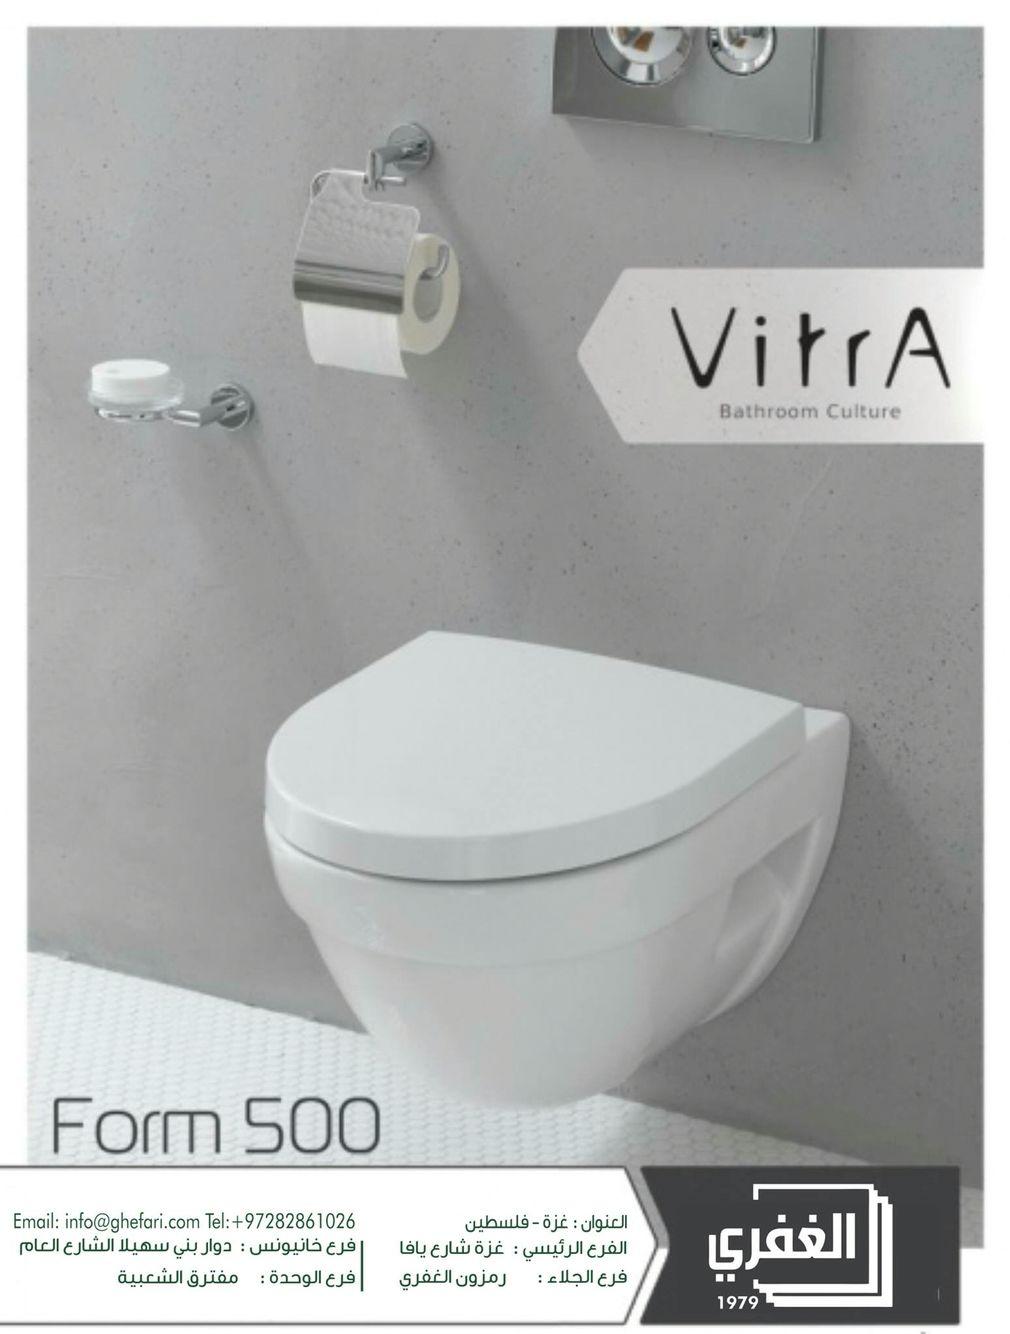 كرسي حمام من شركة V I T R A التركية بغطاء عادي وهيدروليك غطاء قوي مفصل نورستا متوفر باللونين الأبيض والبرجمون Vitra Vitra Bathrooms Toilet Vitra